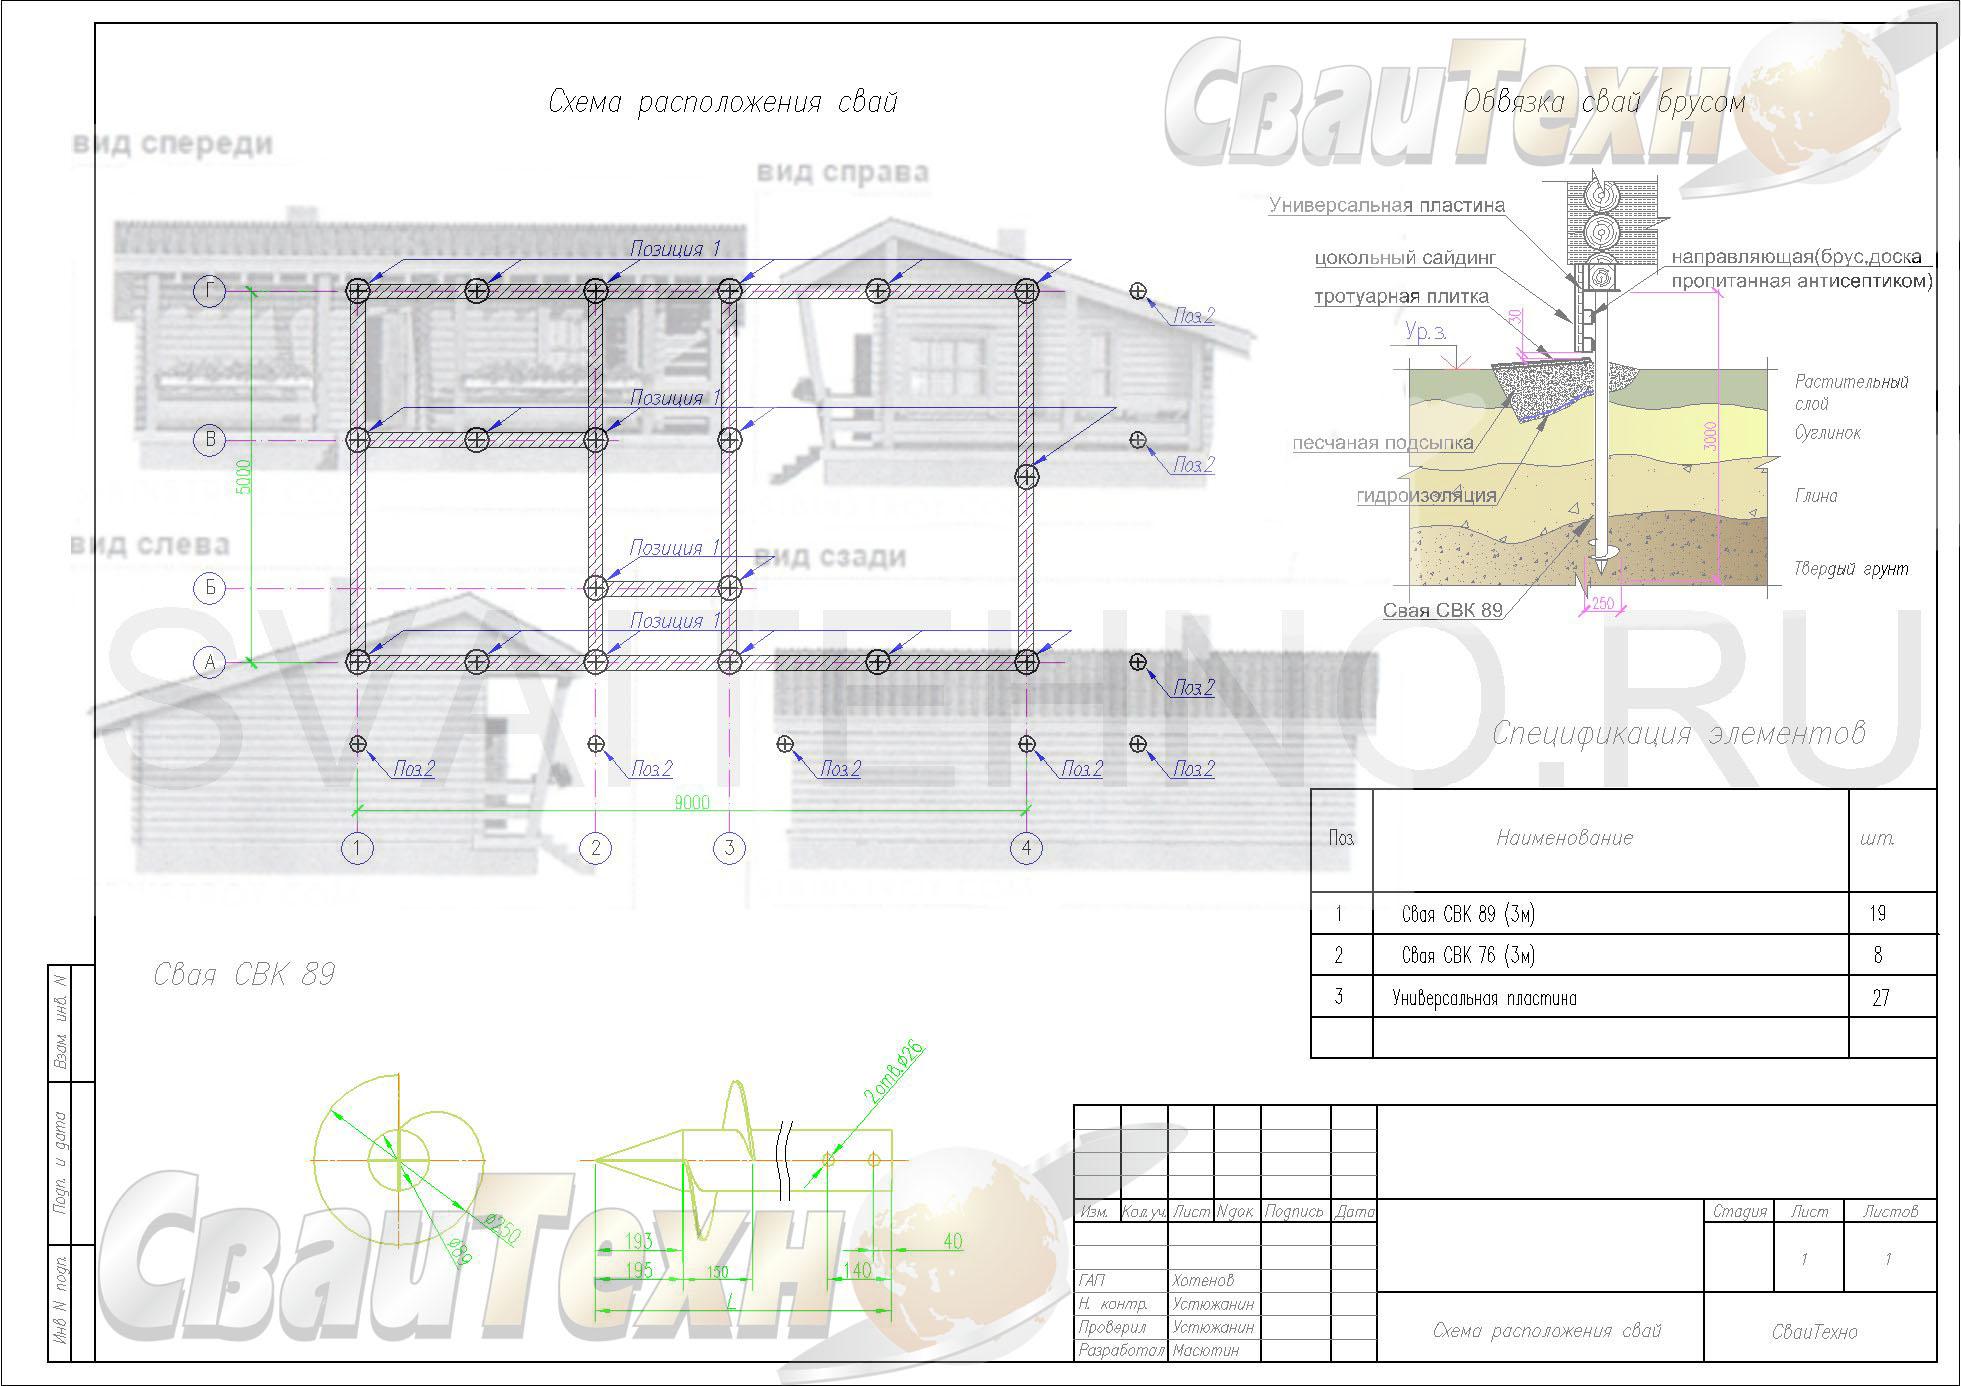 Схема расположения свай для строительства одноэтажной бани из бруса